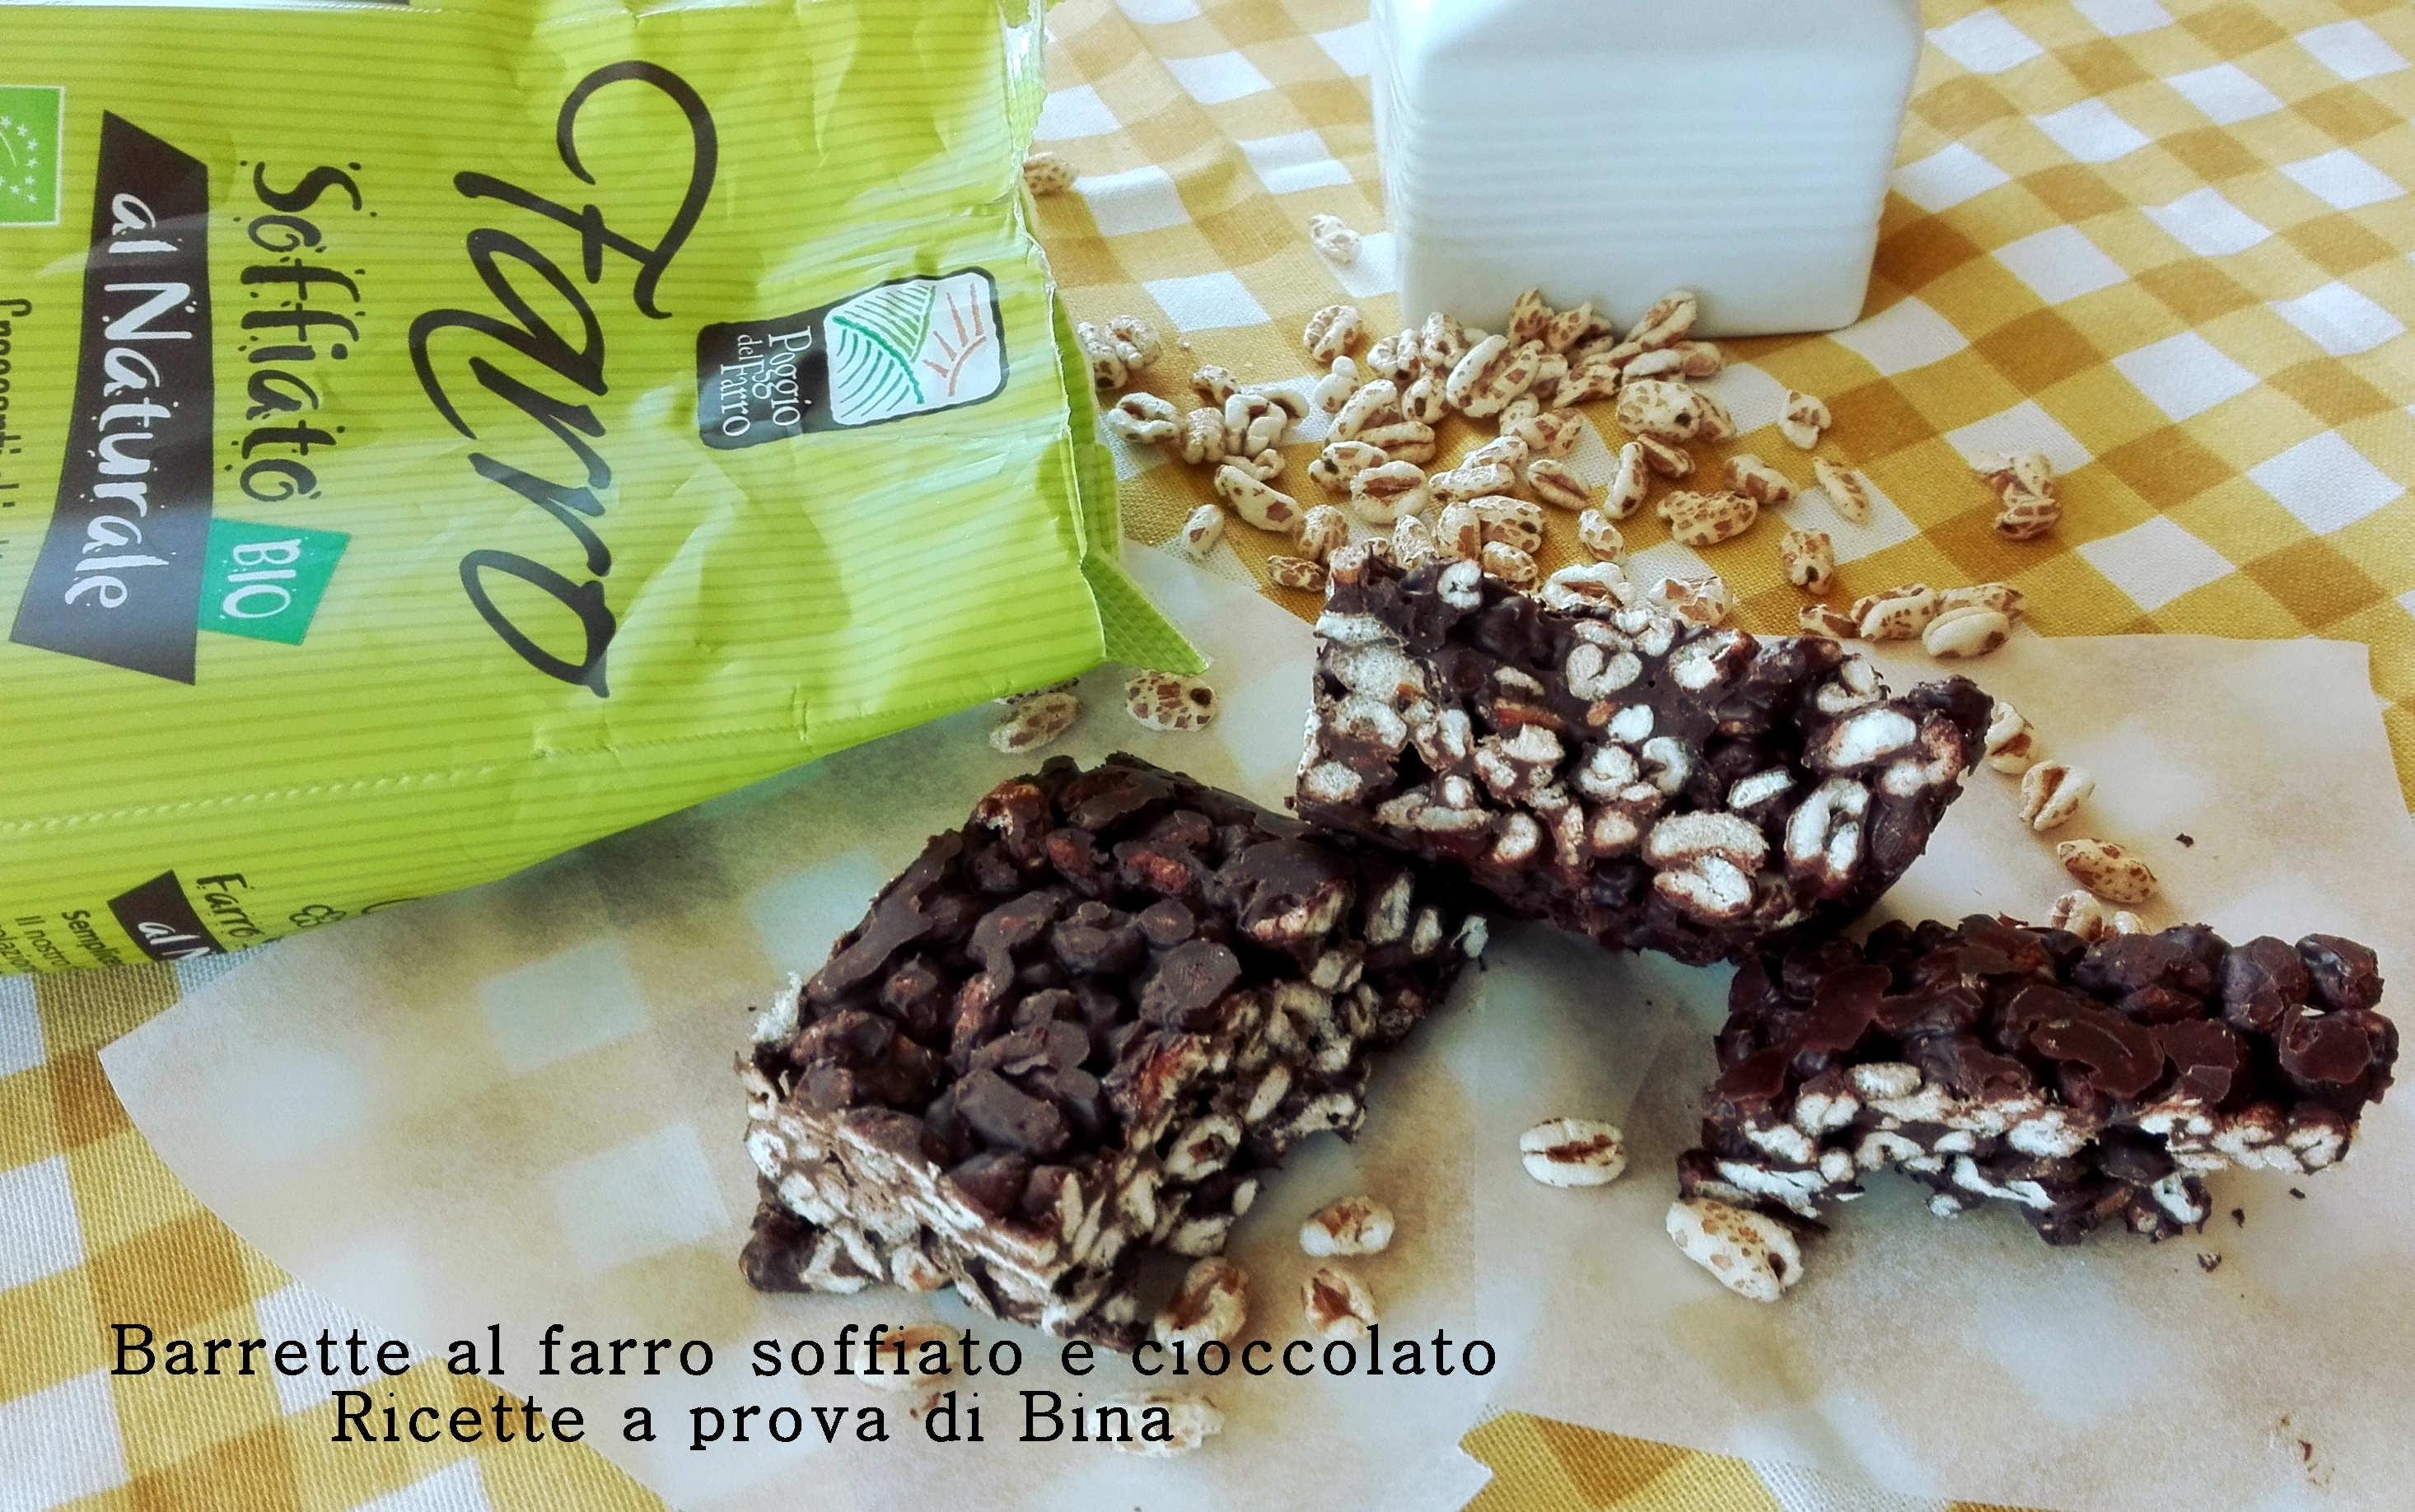 Barrette al farro soffiato e cioccolato - Bagno di cioccolato ...